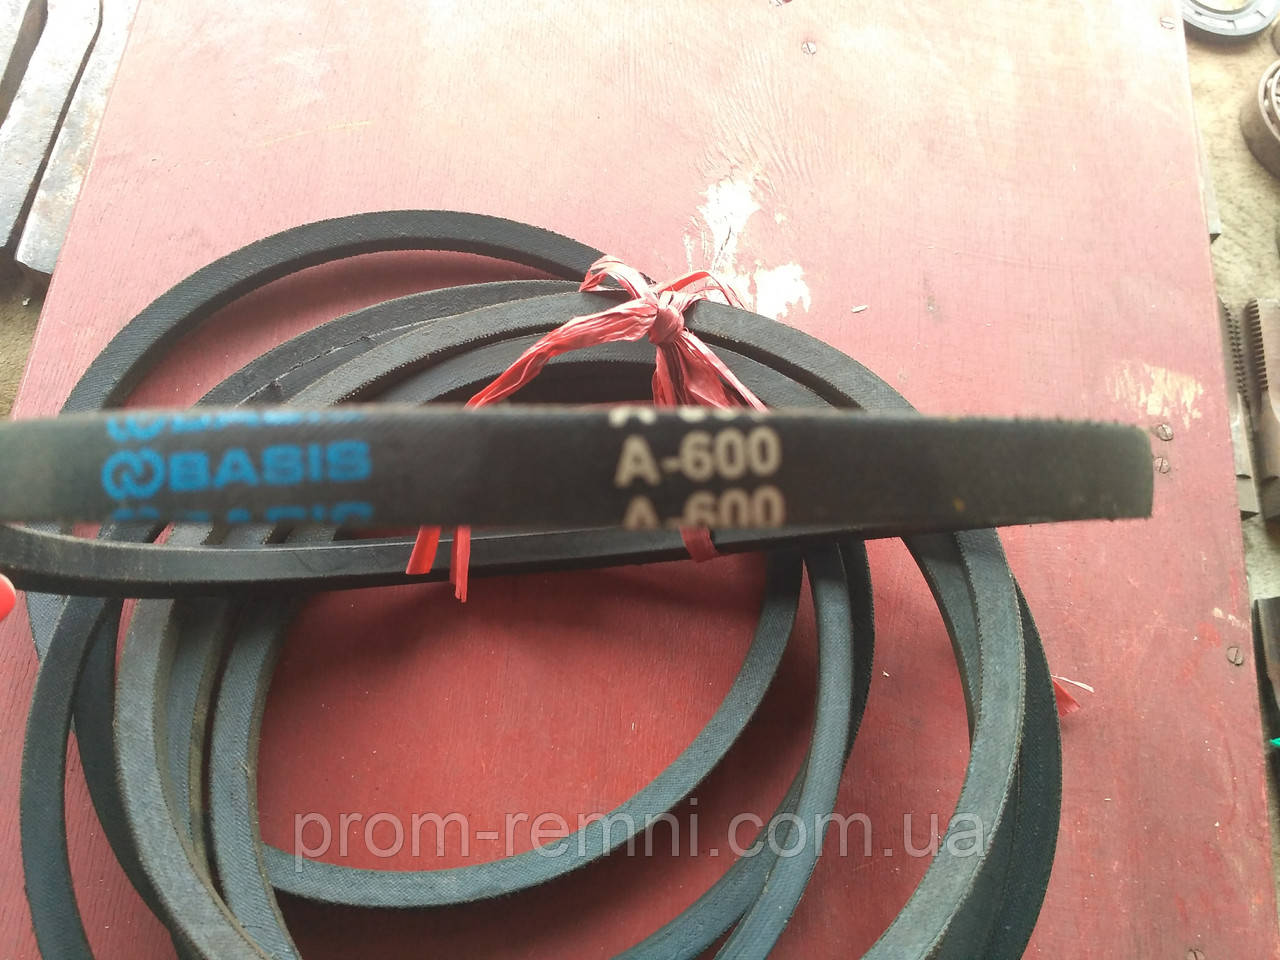 Приводний клиновий ремінь А-600 Basis, 600 мм